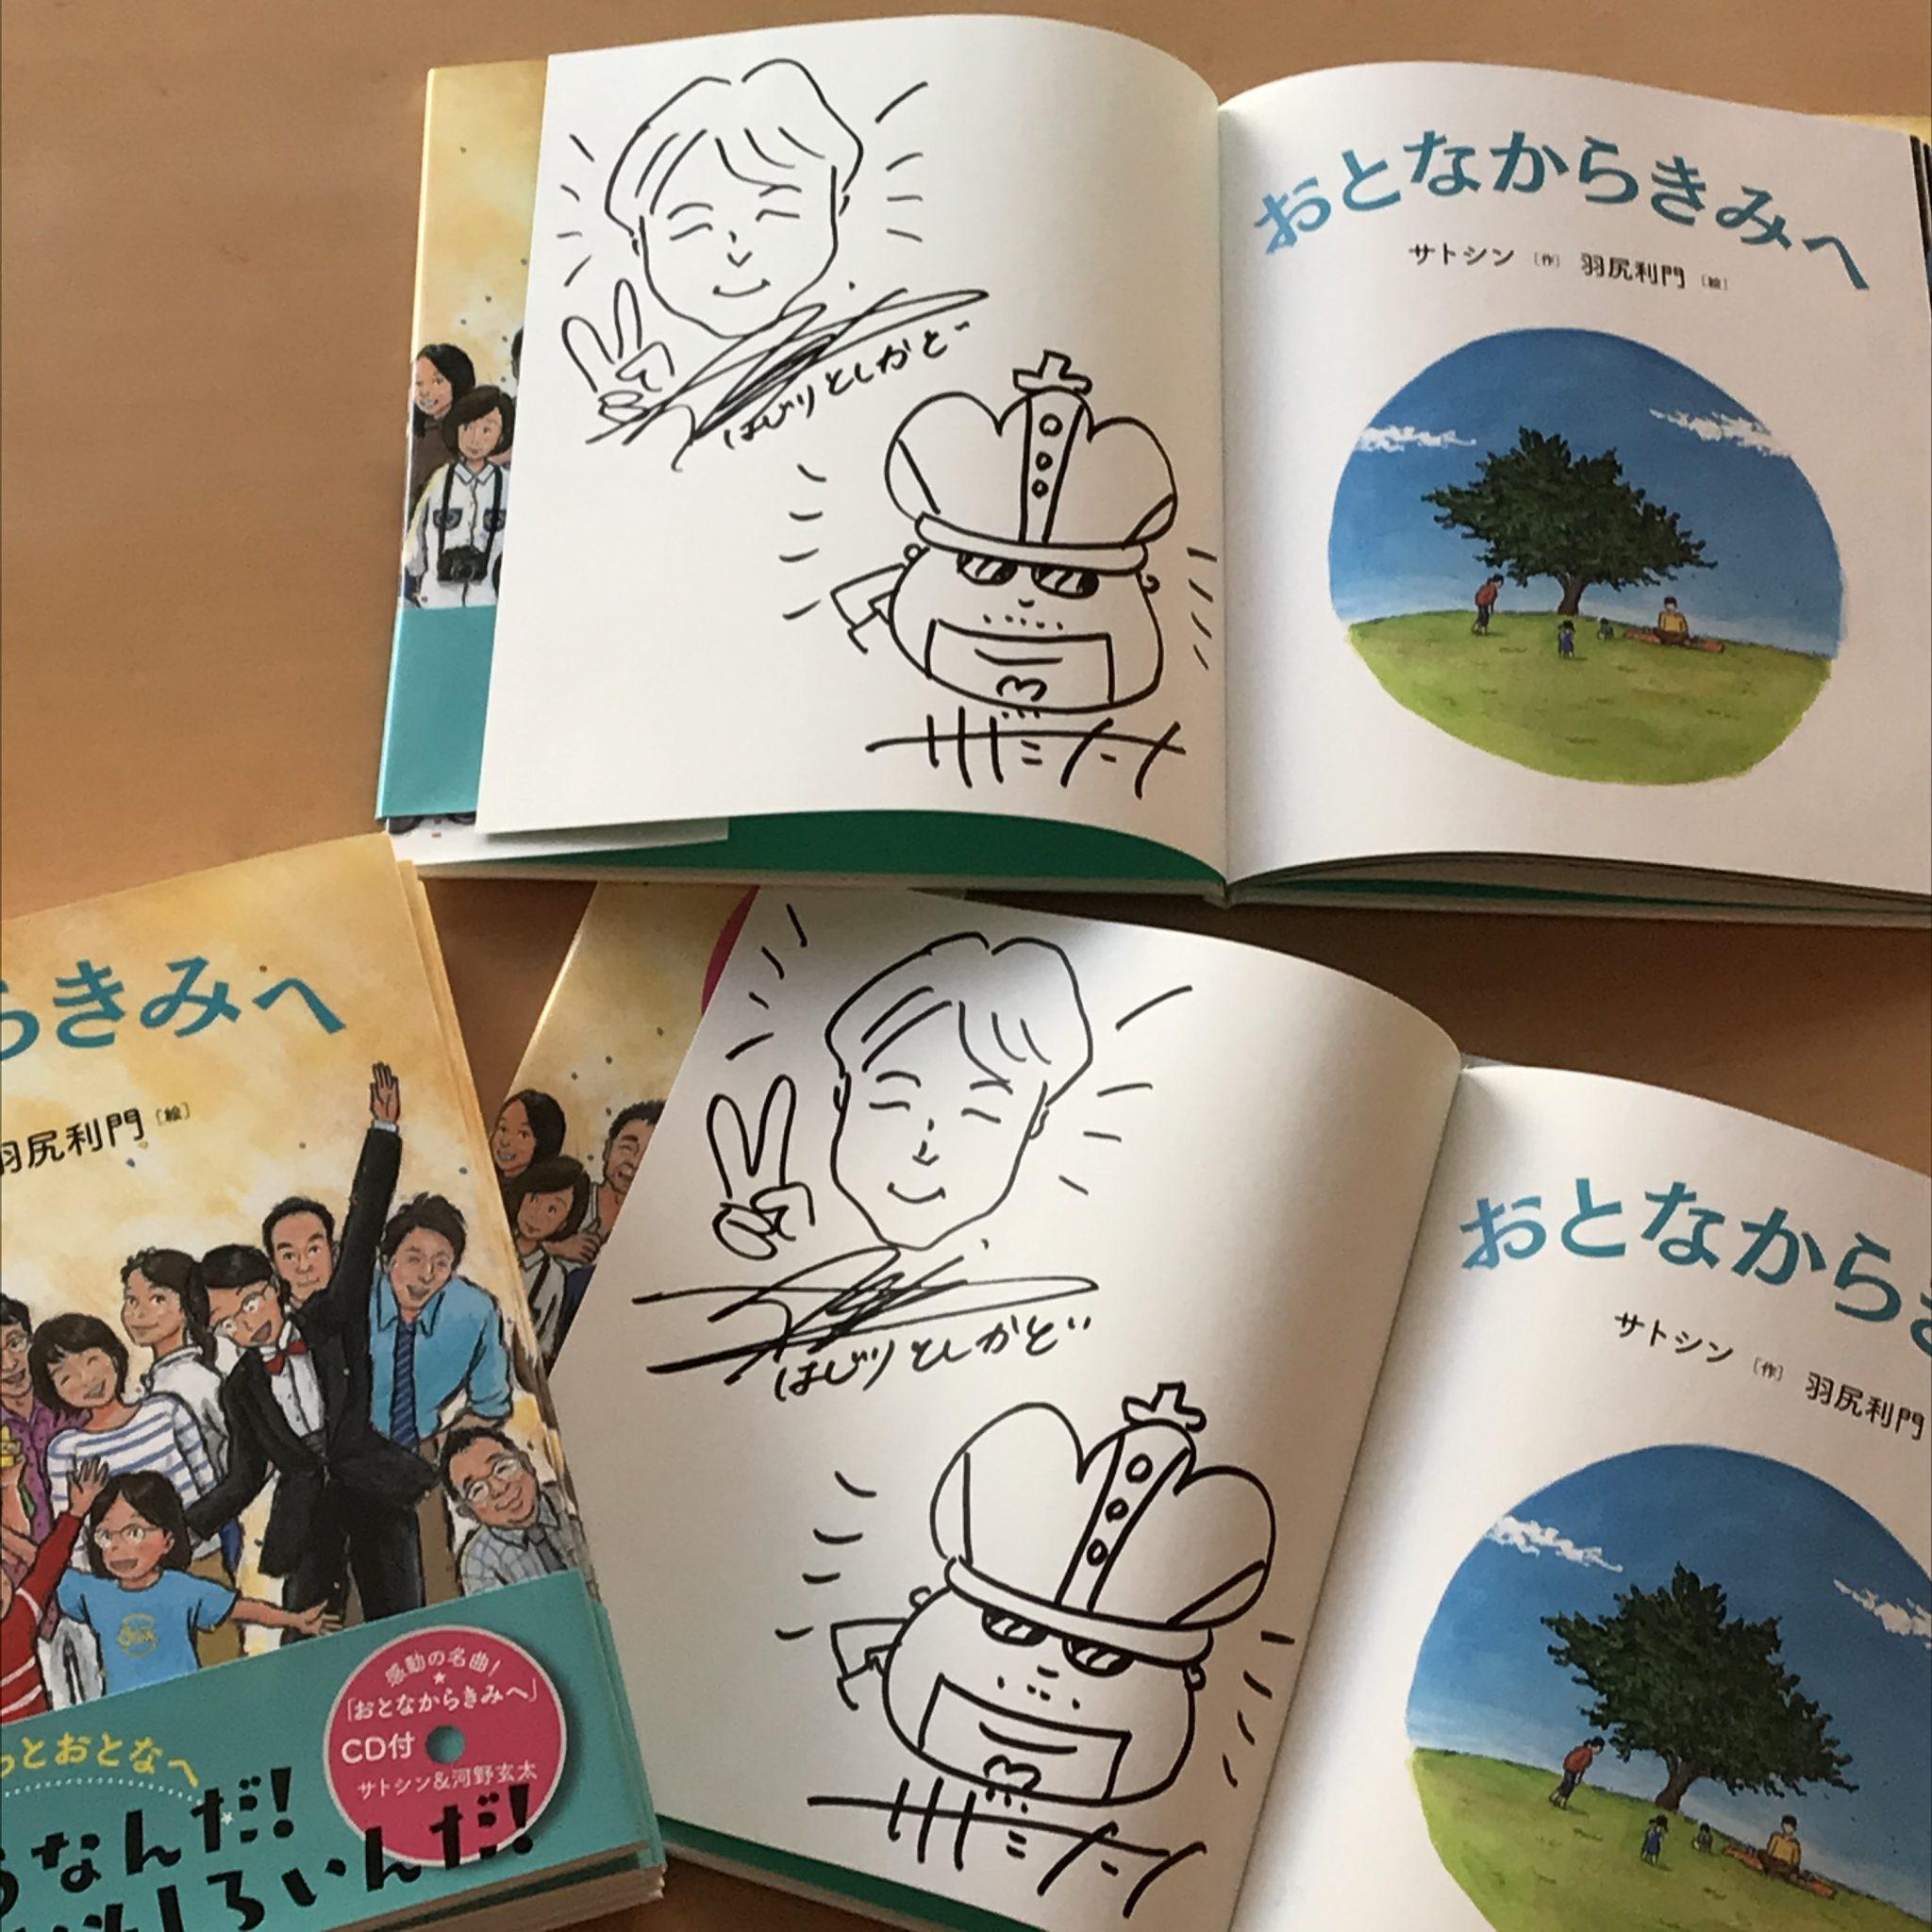 《あわわ絵本/おとなからきみへ》 「おとなっておもしろいメッセージ募集」受賞発表!!